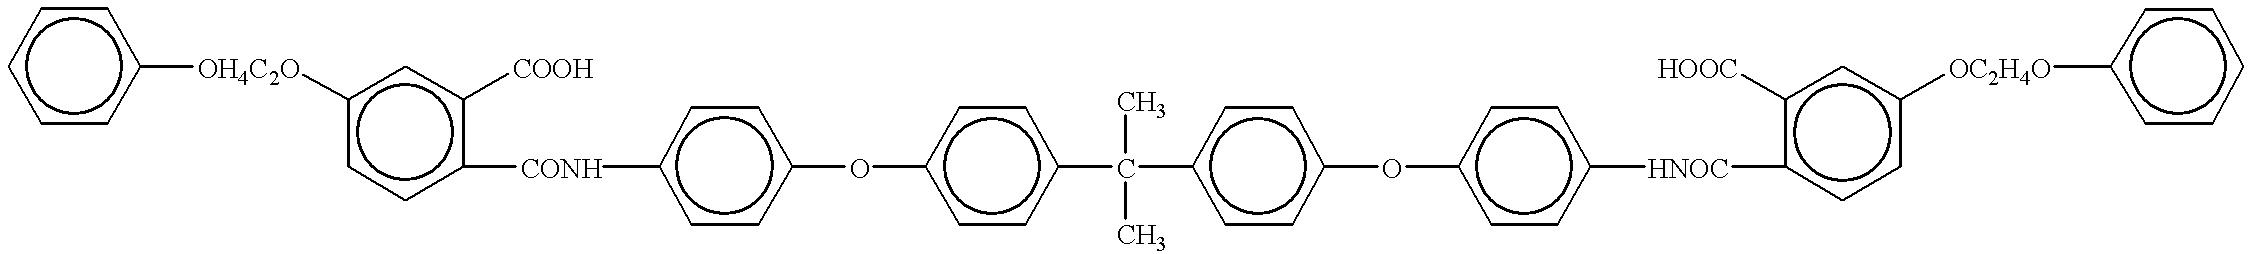 Figure US06180560-20010130-C00535